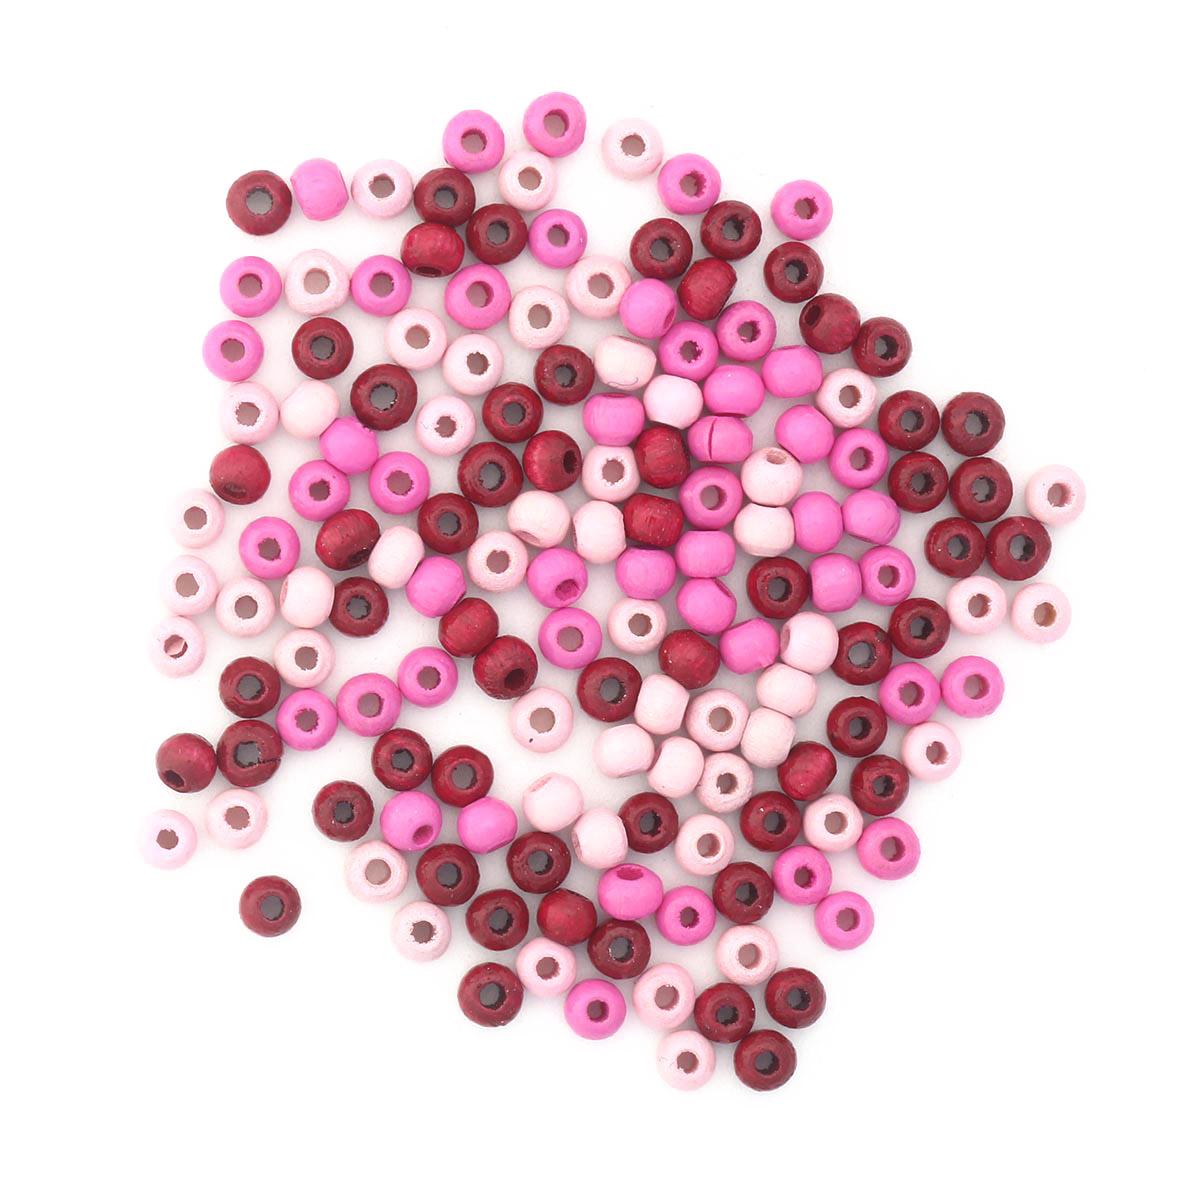 61651051 Бусины дерево, розовый микс, 4 мм, упак./155 шт., Glorex